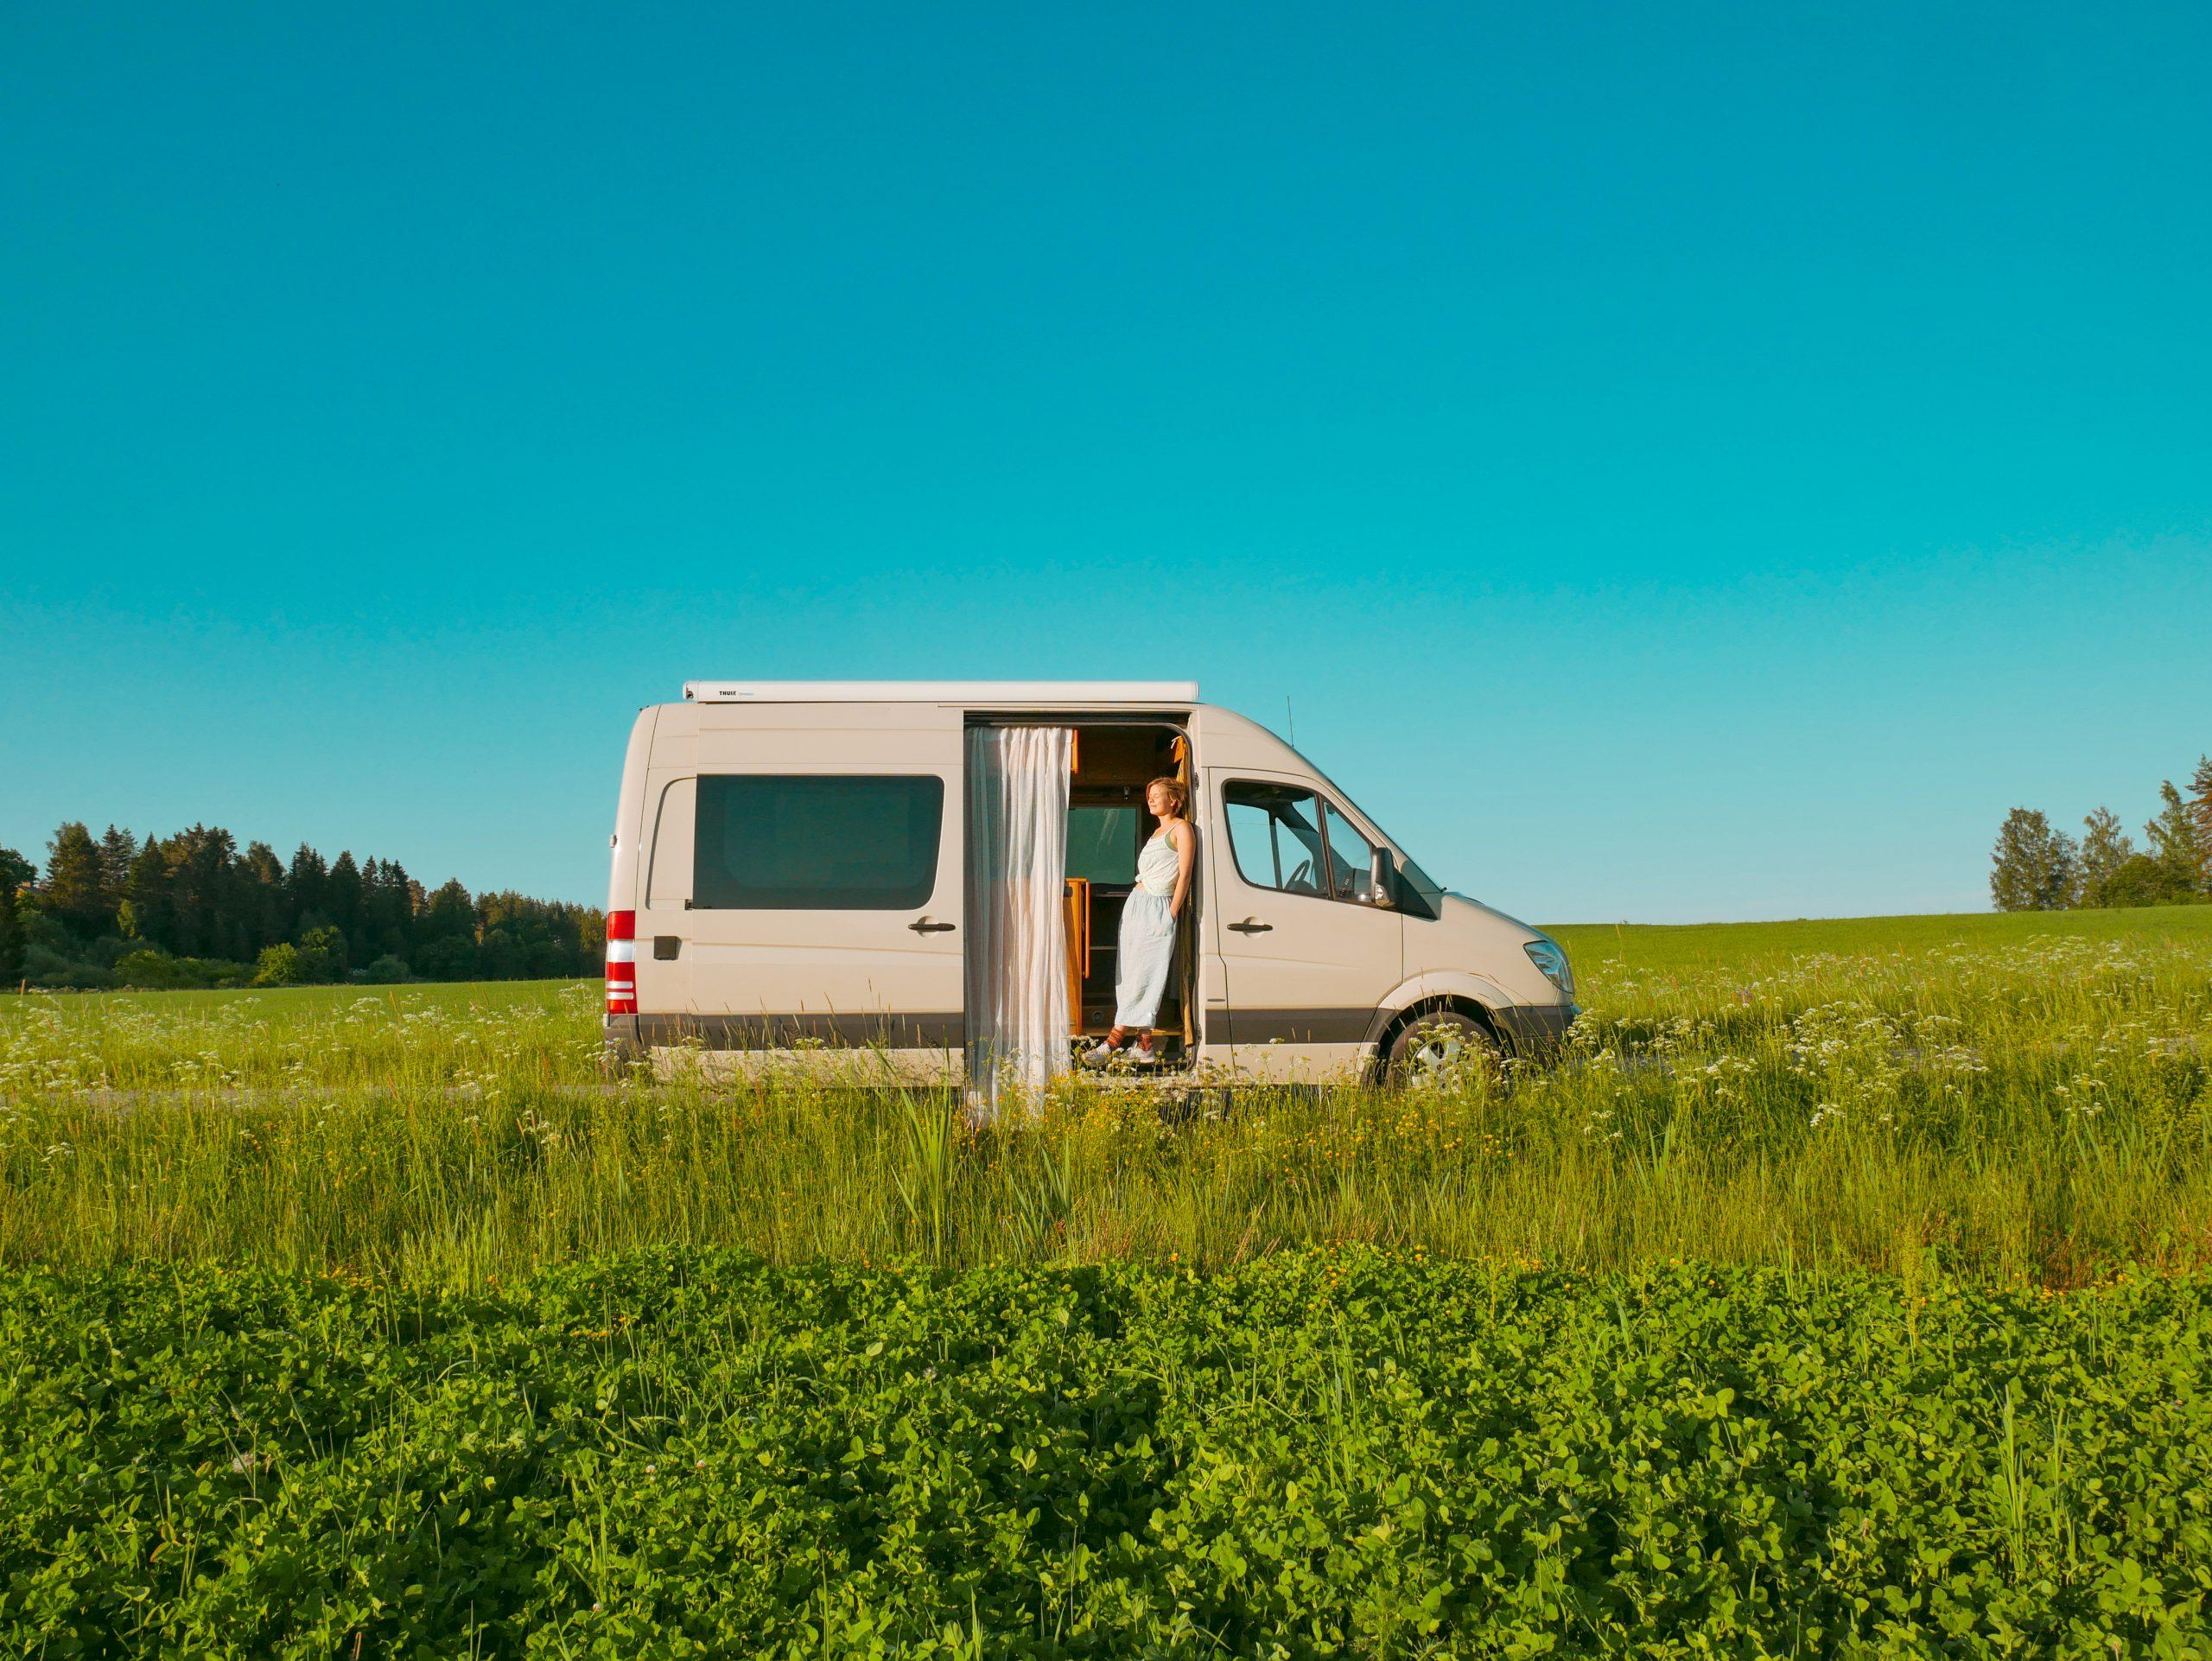 Käytettynä hankittu retkeilyauto ylpeän omistajansa kanssa niittymaisemissa.